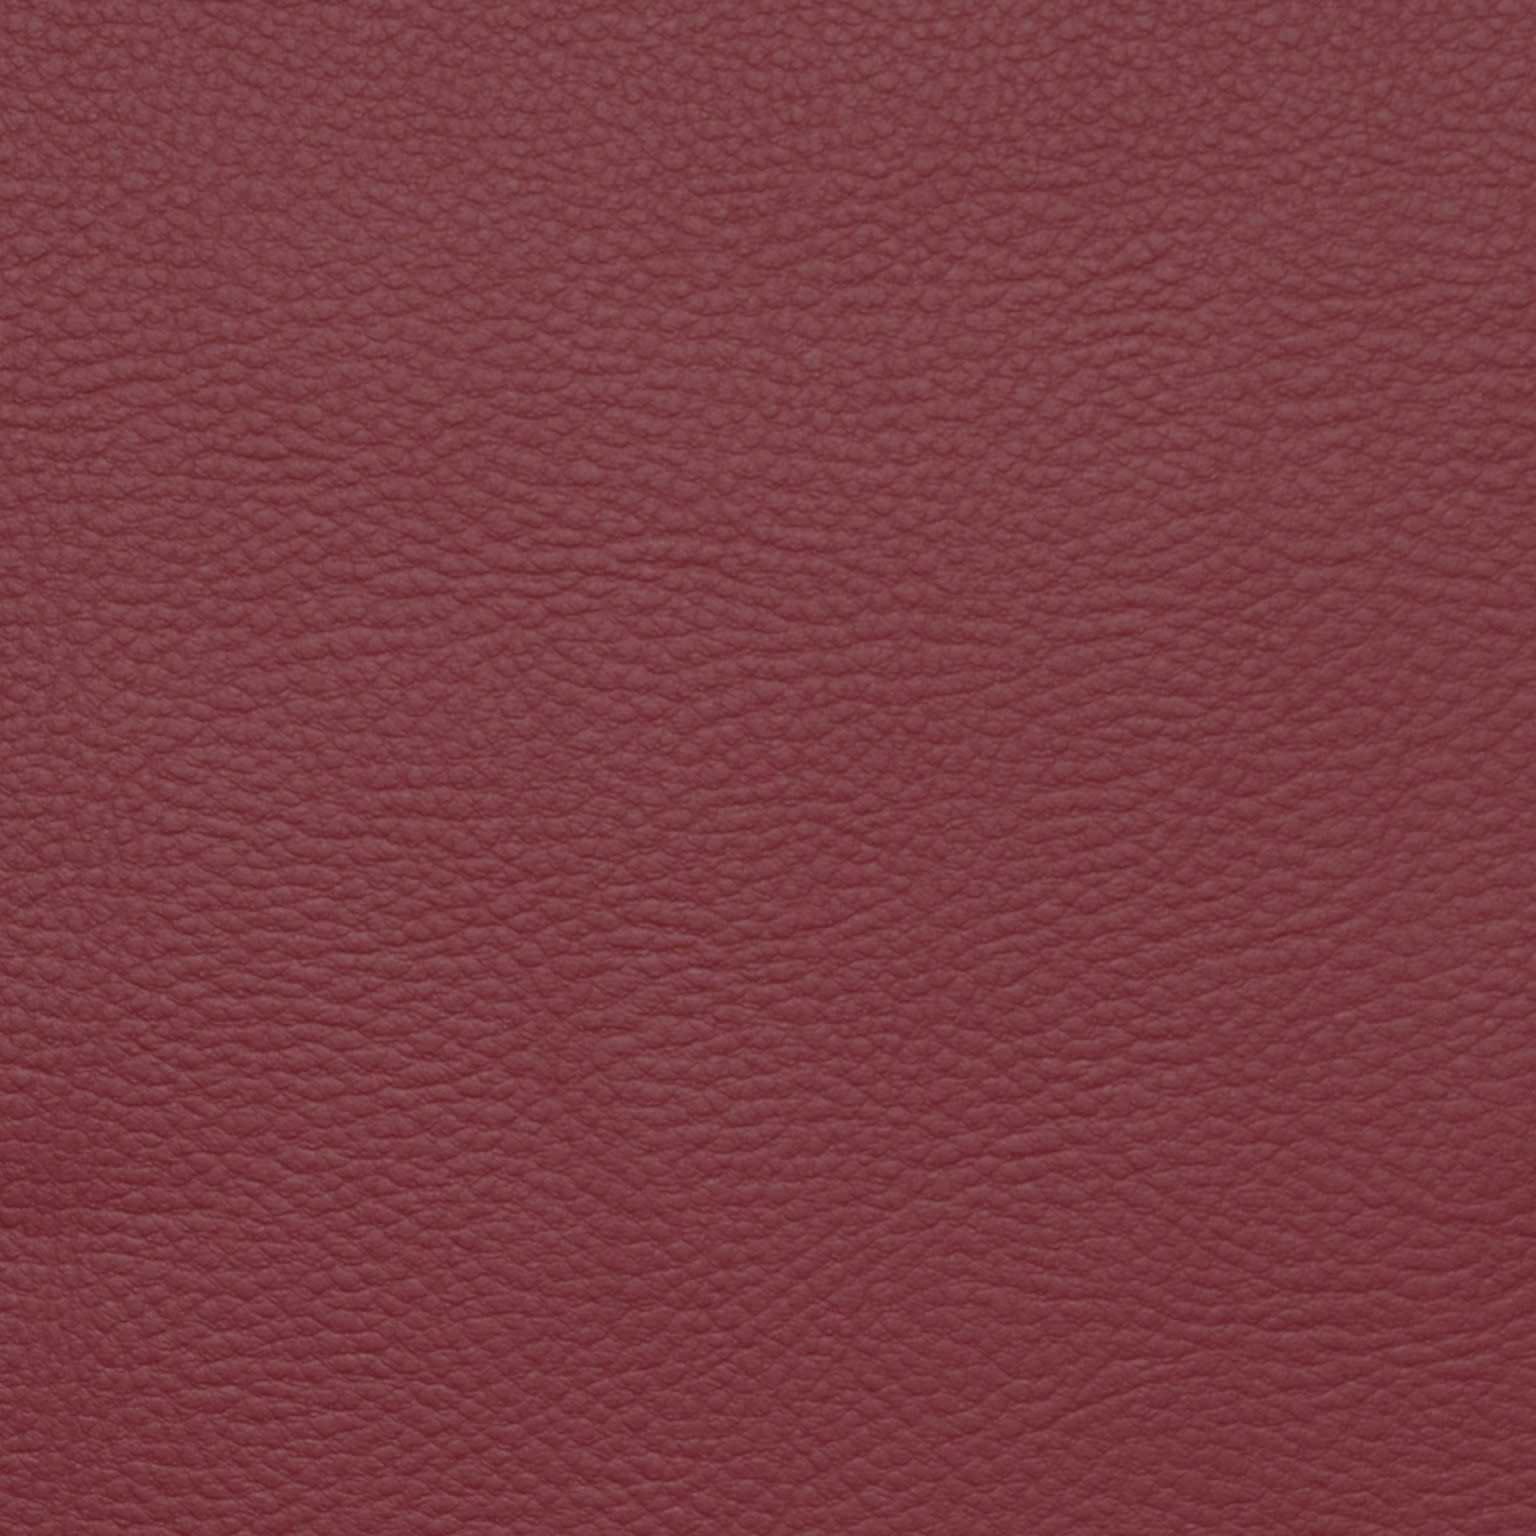 Faux leather_e97-019